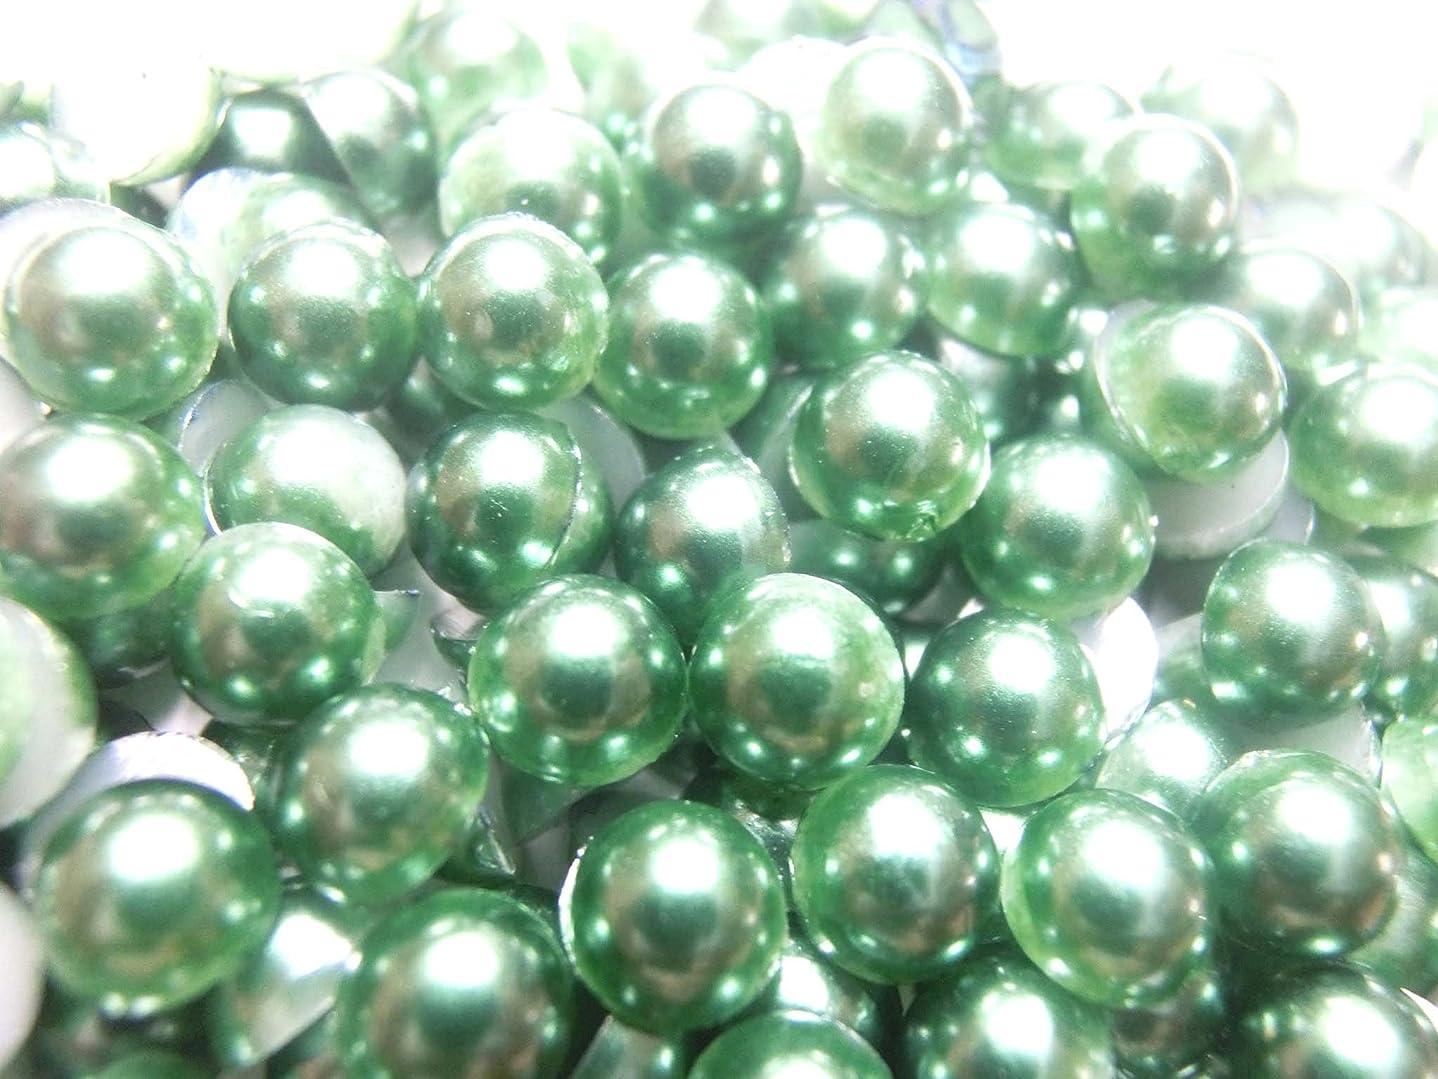 コスト言及する定期的【ラインストーン77】超高級 パールストーン 各サイズ選択可能 2mm~8mm 緑 (4mm (約200粒))